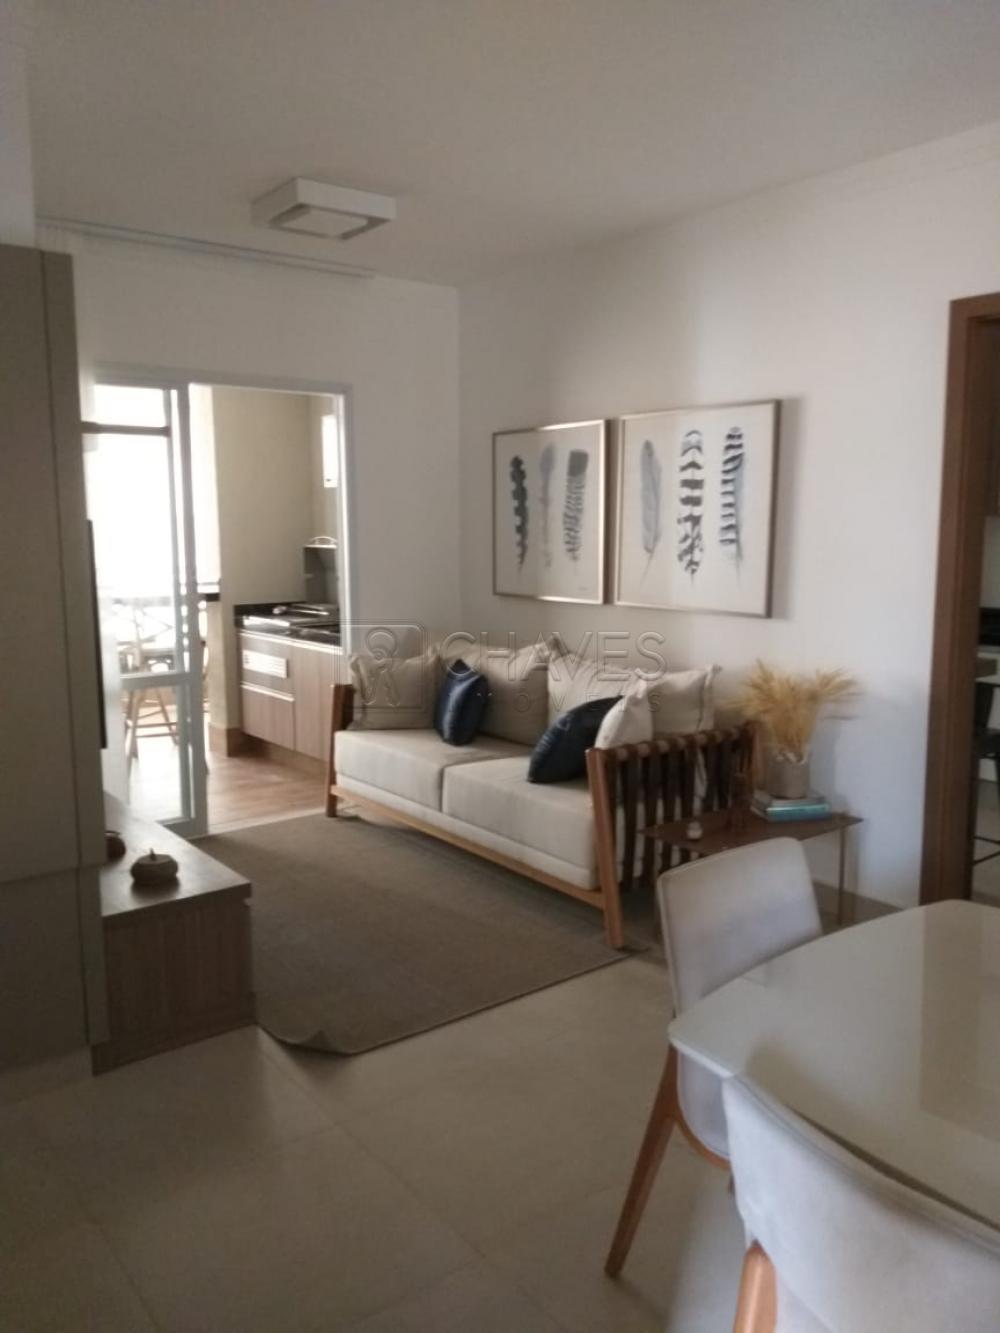 Comprar Apartamento / Padrão em Ribeirão Preto apenas R$ 586.450,00 - Foto 5